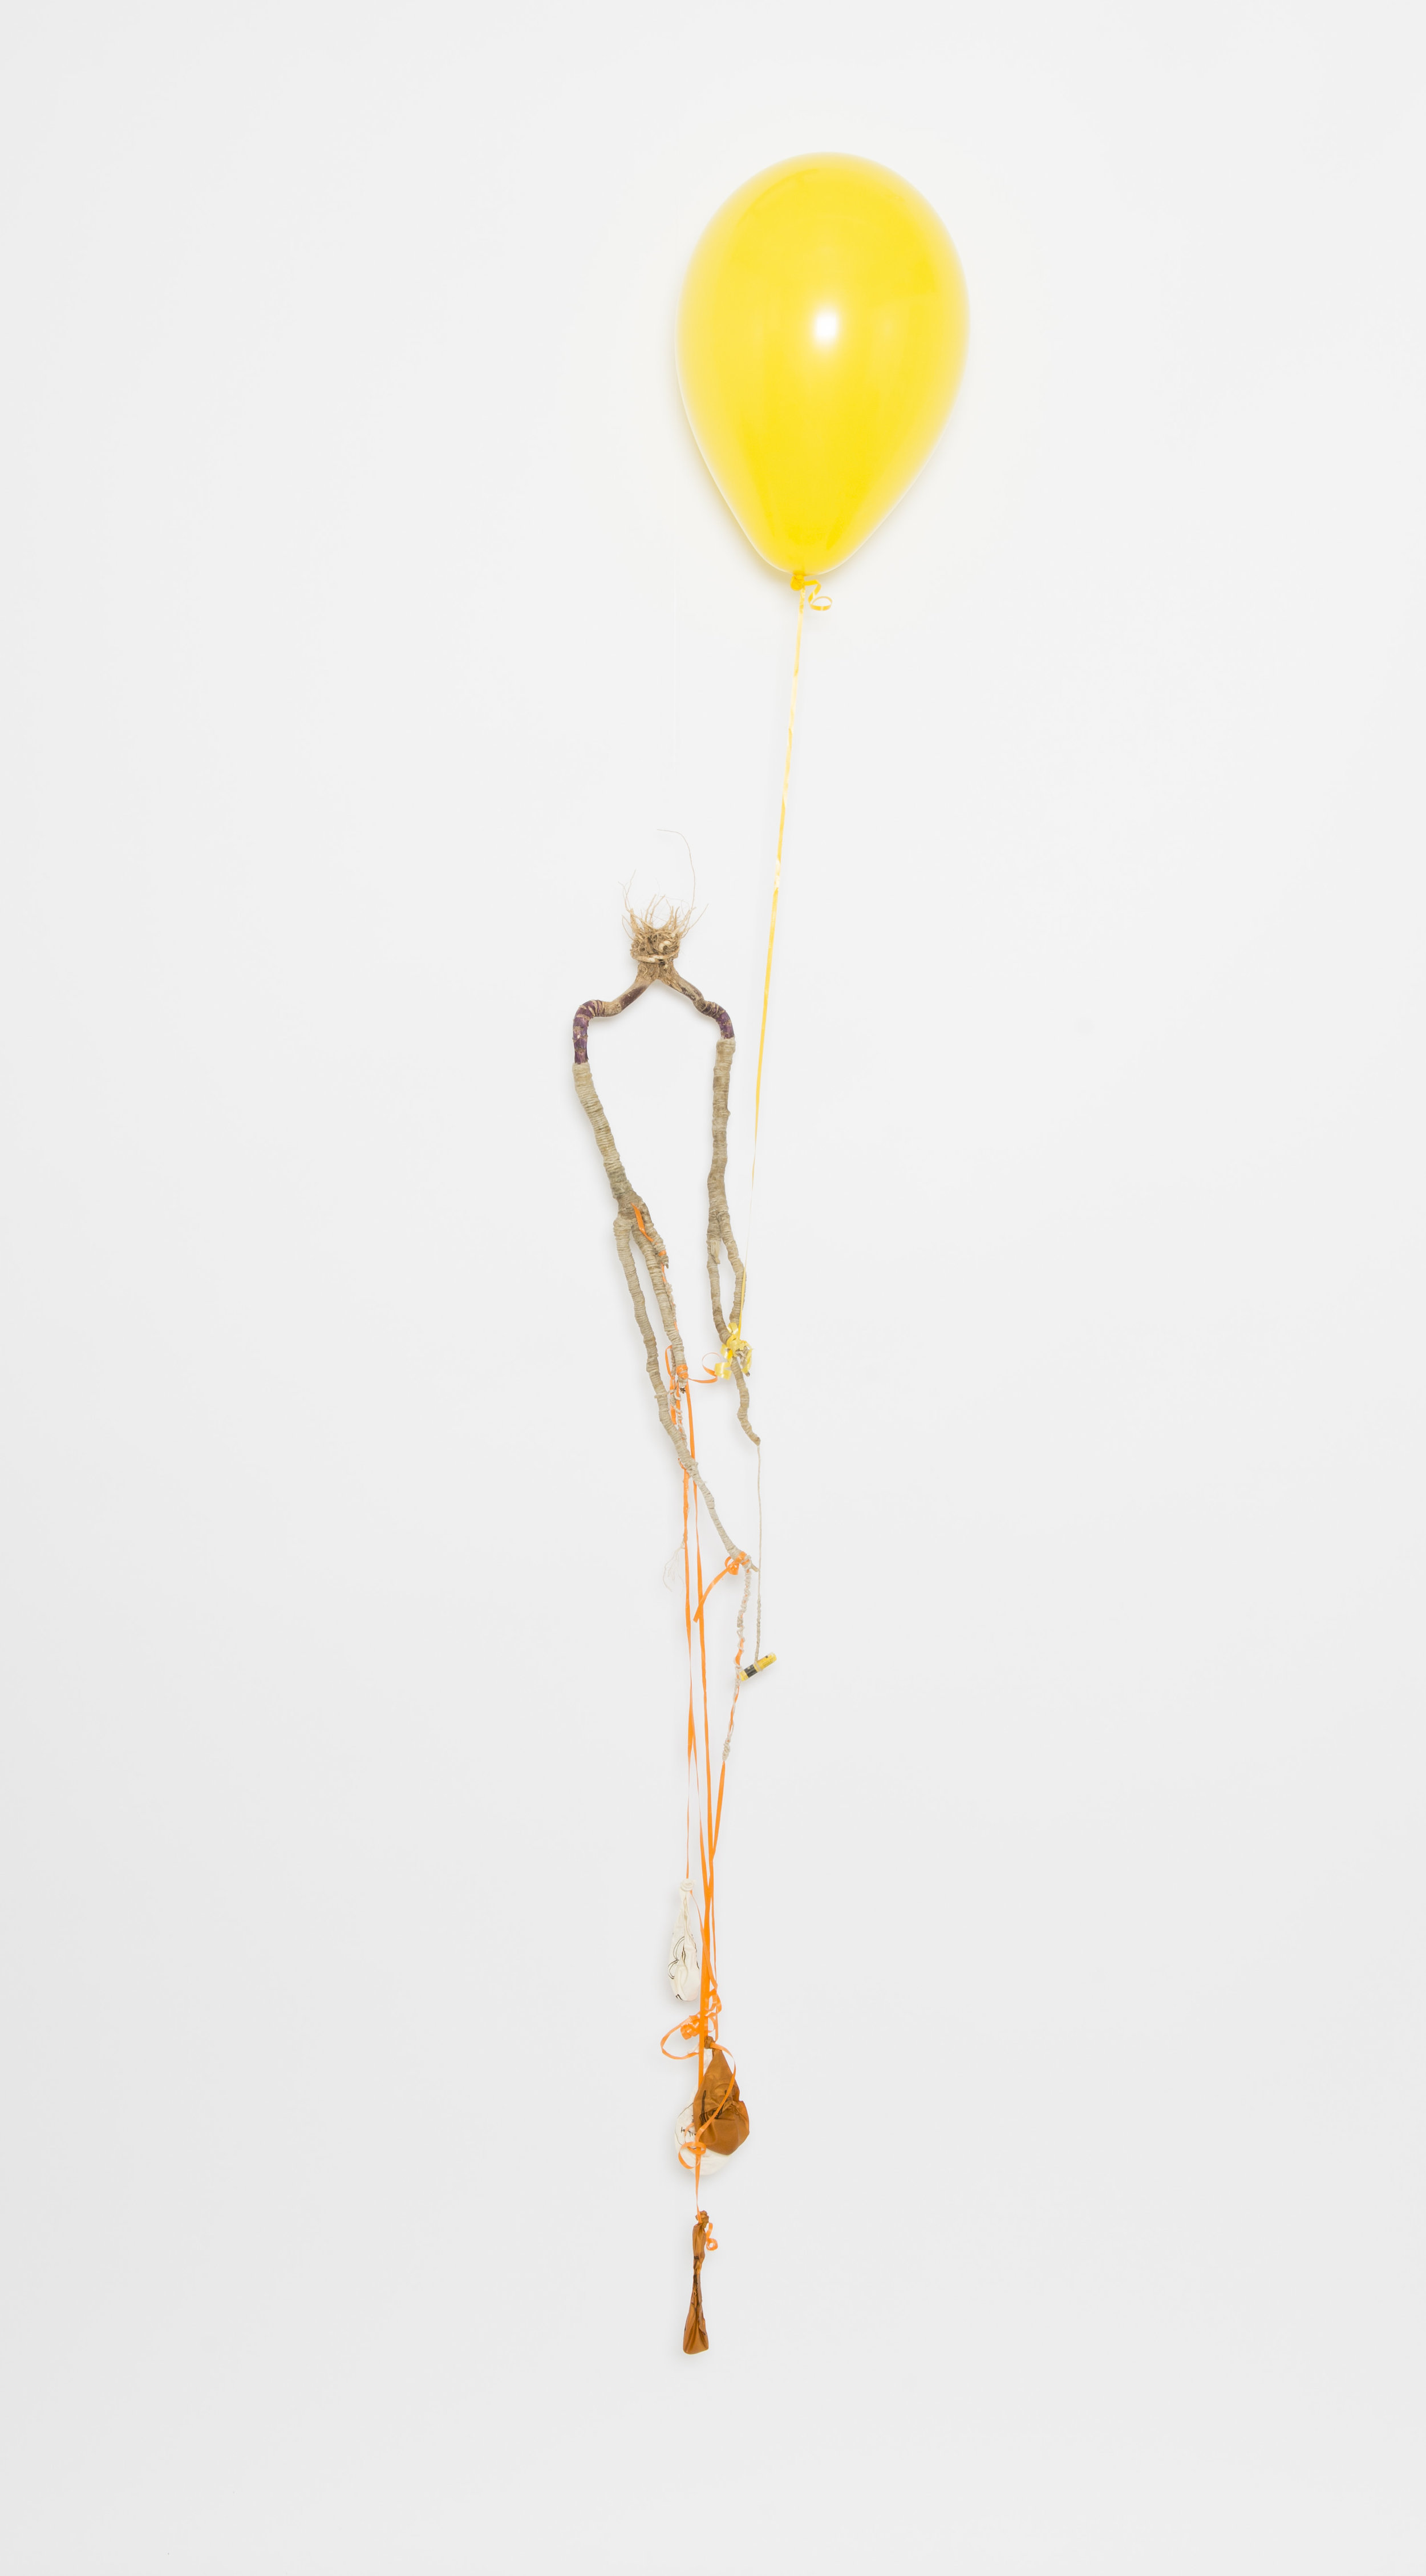 preserve-kale-yellow_17839066568_o.jpg